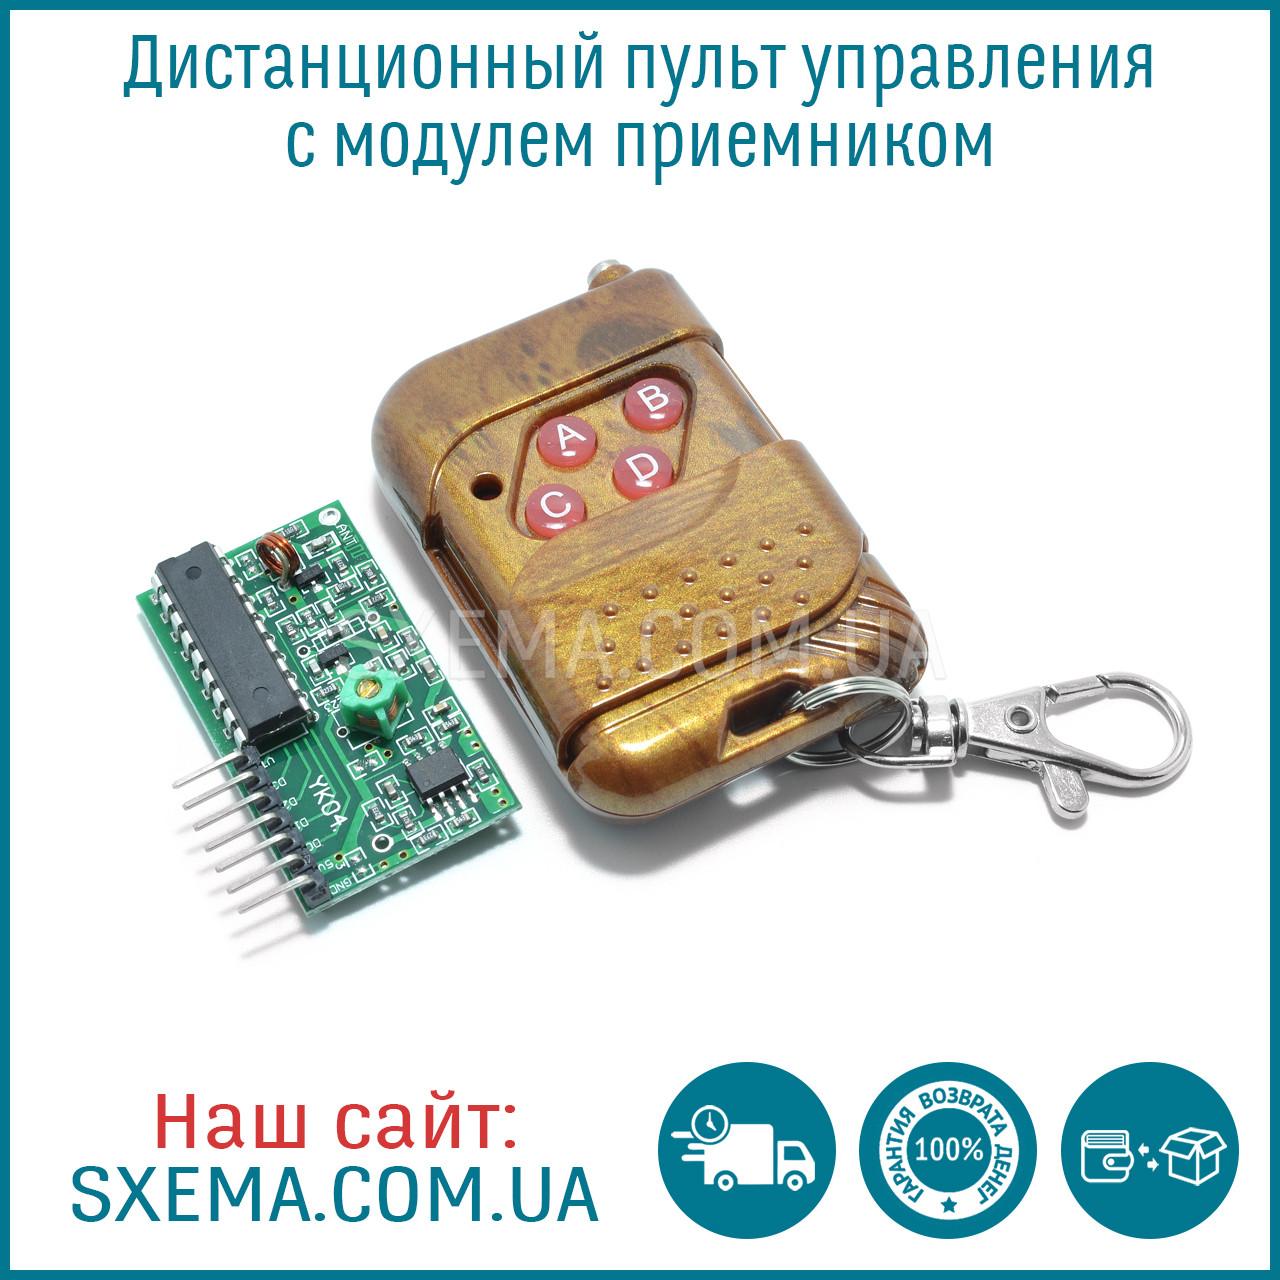 Дистанционный пульт управления с модулем приемником IC 2262/2272 4 канала 315 мГц